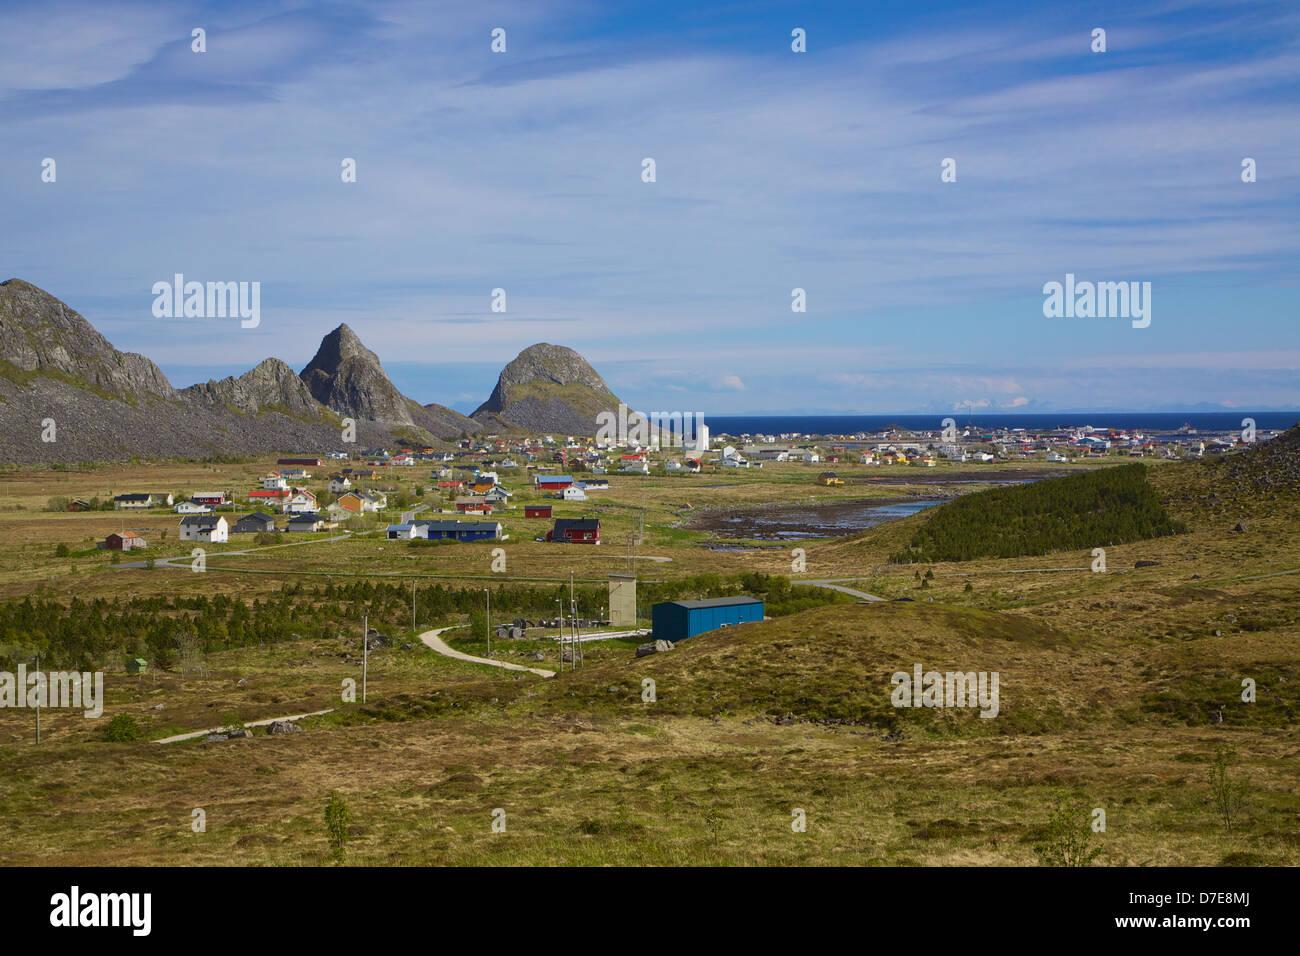 Scenic norwegian fishing town of Sorland on island Vaeroy, Lofoten islands - Stock Image